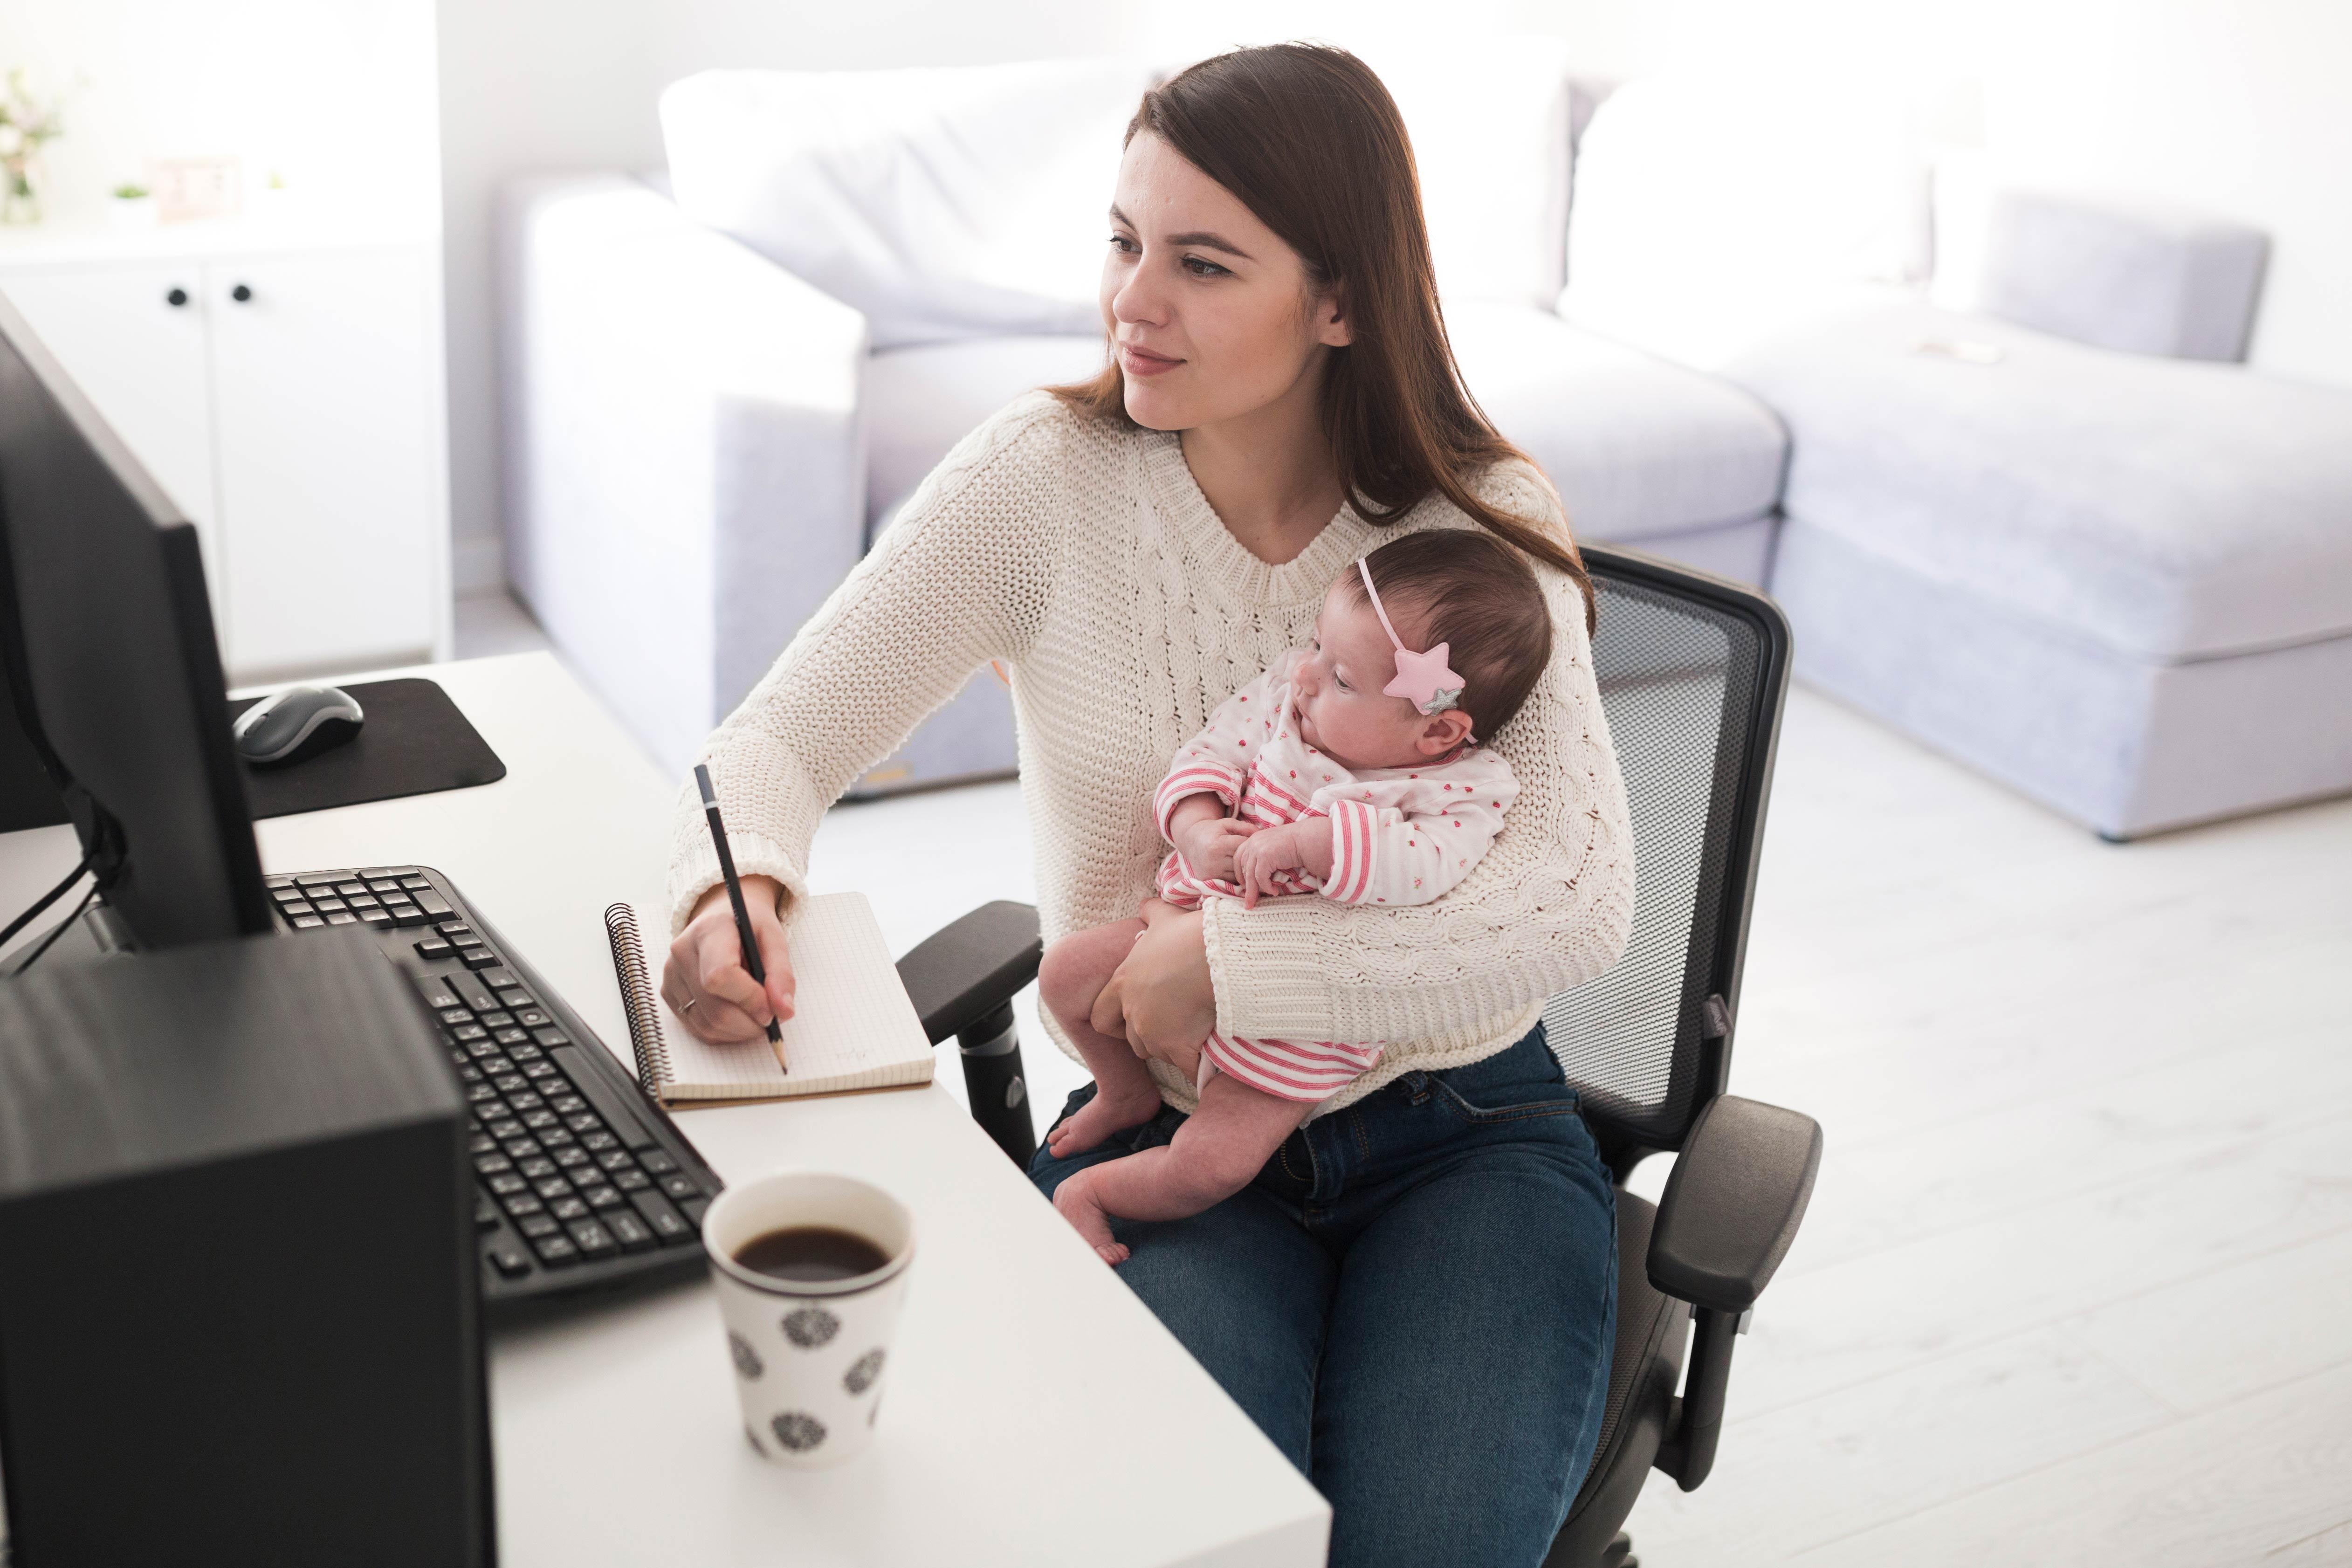 JC Business recebe mães empreendedoras e fala sobre desafios no mercado de trabalho